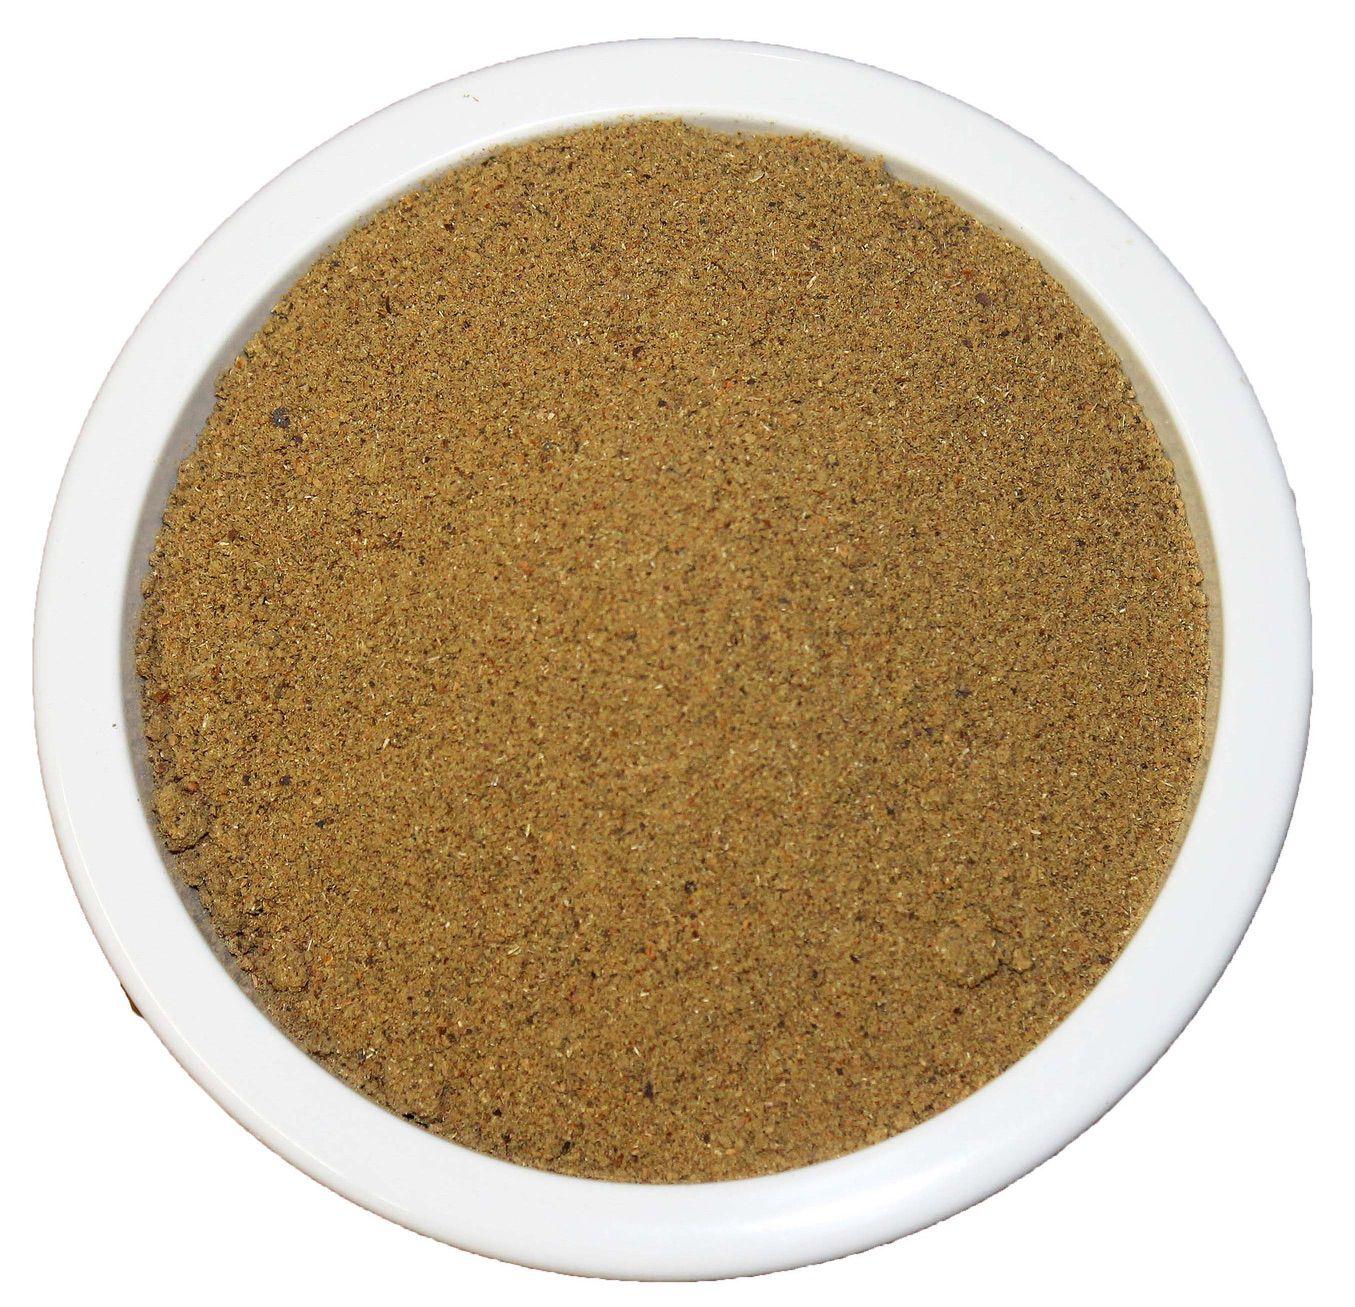 Gewürzmischung Wild griesig 250 g 1A Qualität Edles Gewürz PEnandiTRA ®